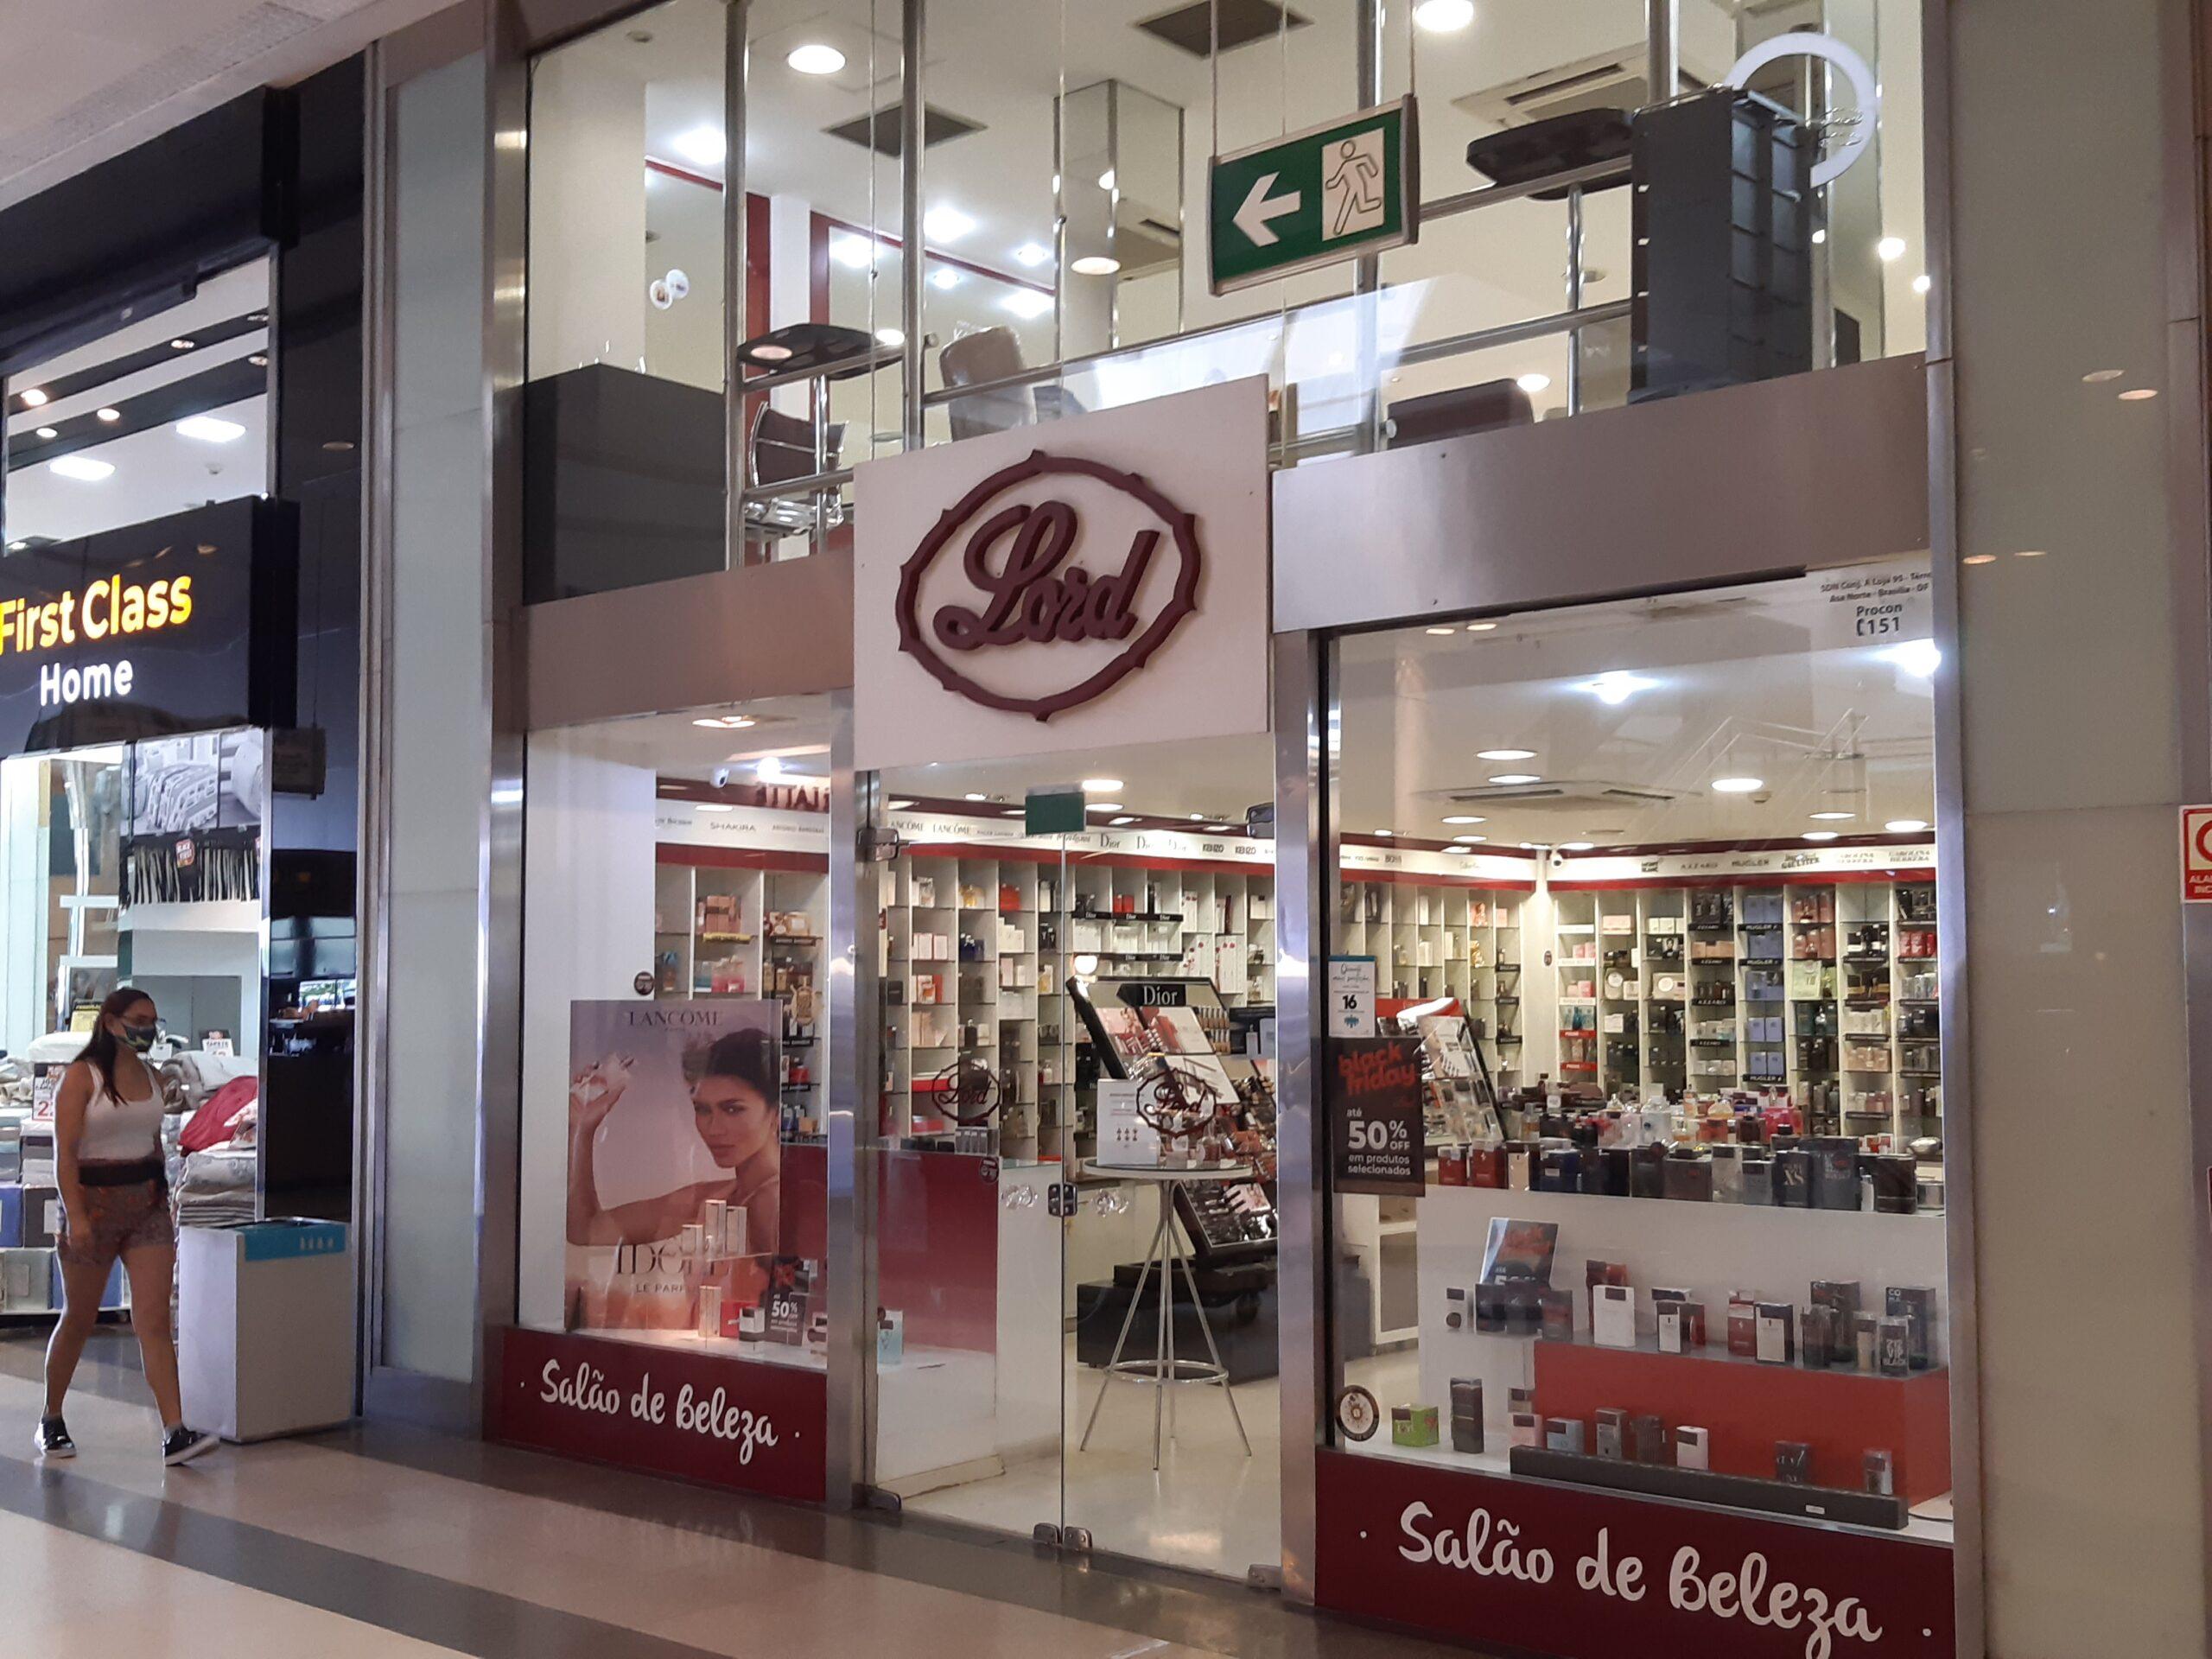 Lord Perfumaria do Shopping Conjunto Nacional, 1º Piso